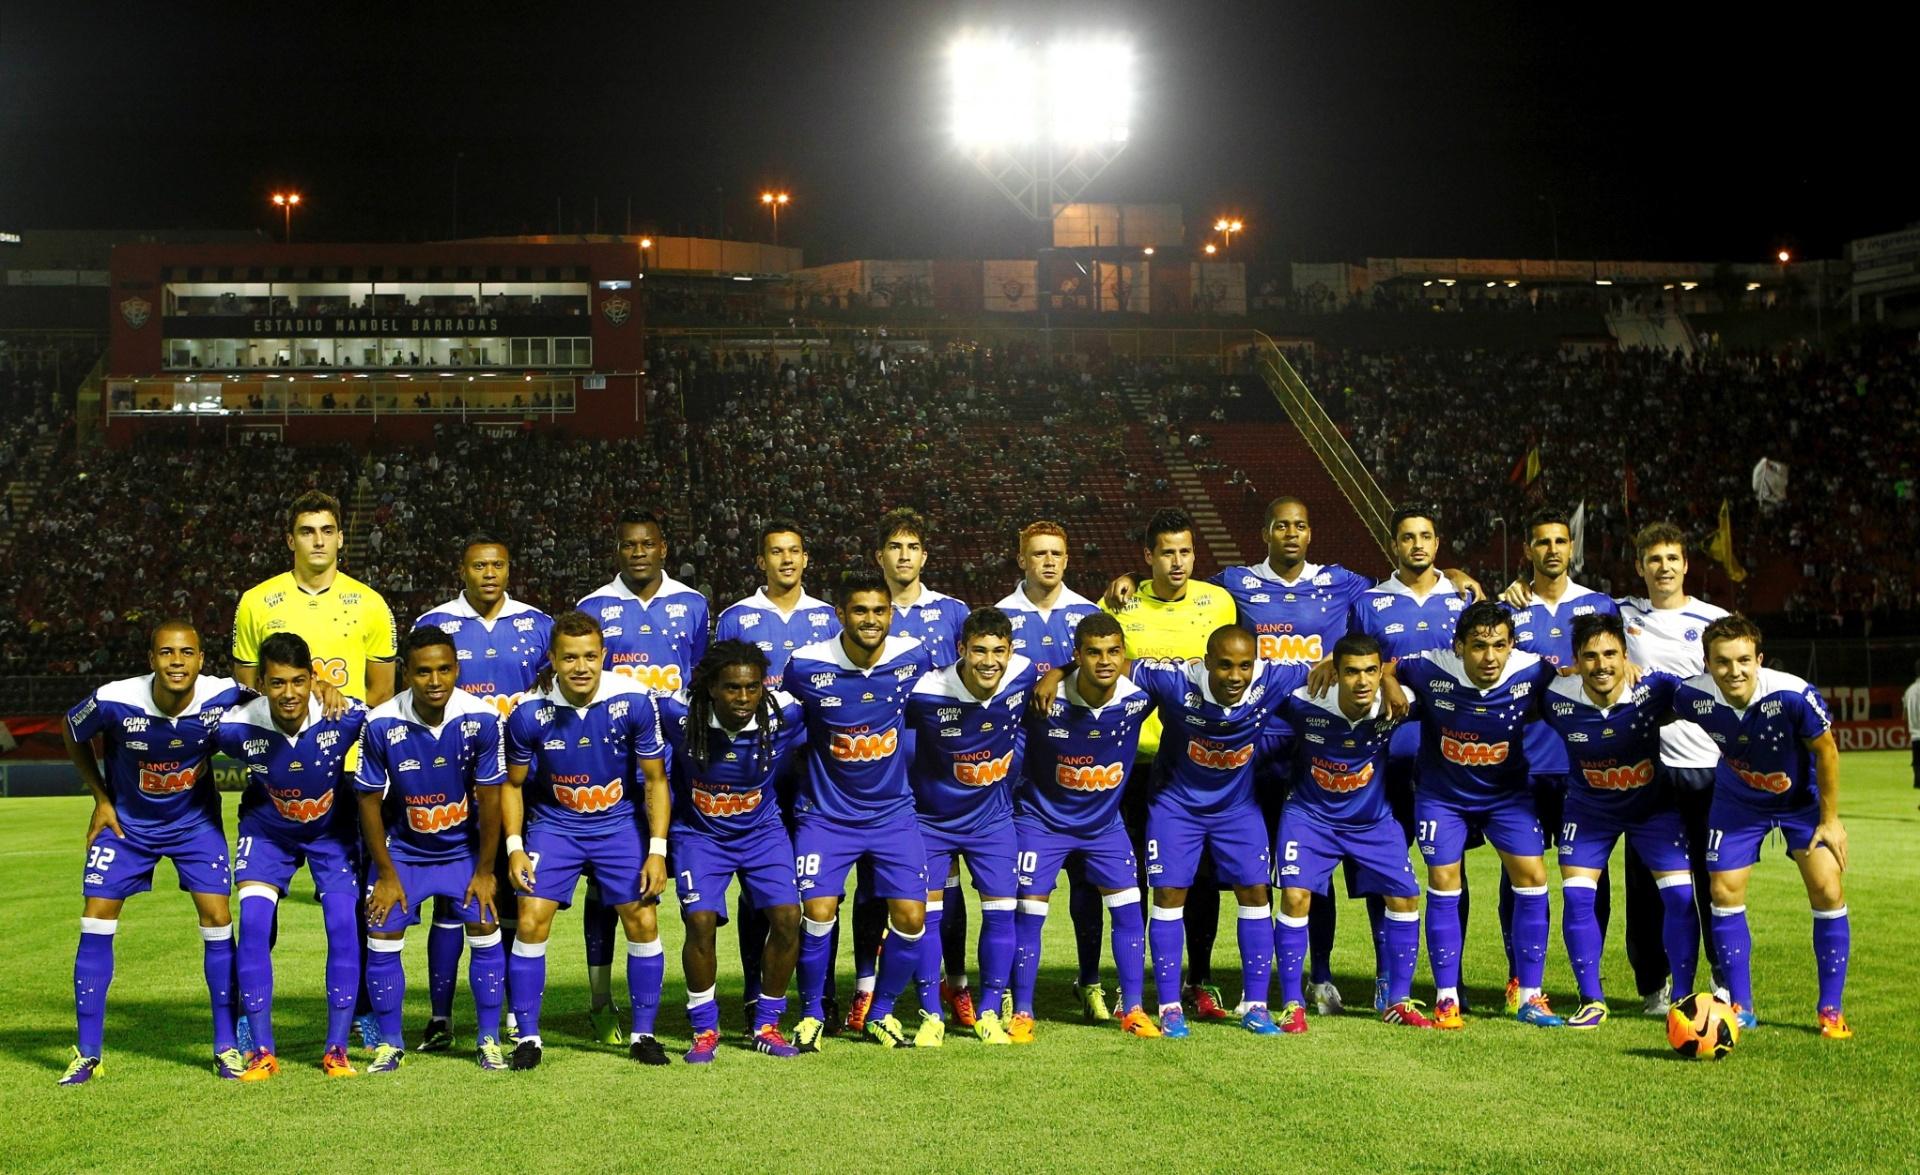 Jogadores do Cruzeiro posam para foto antes de jogo contra o Vitória pela Série A - 13.nov.2013